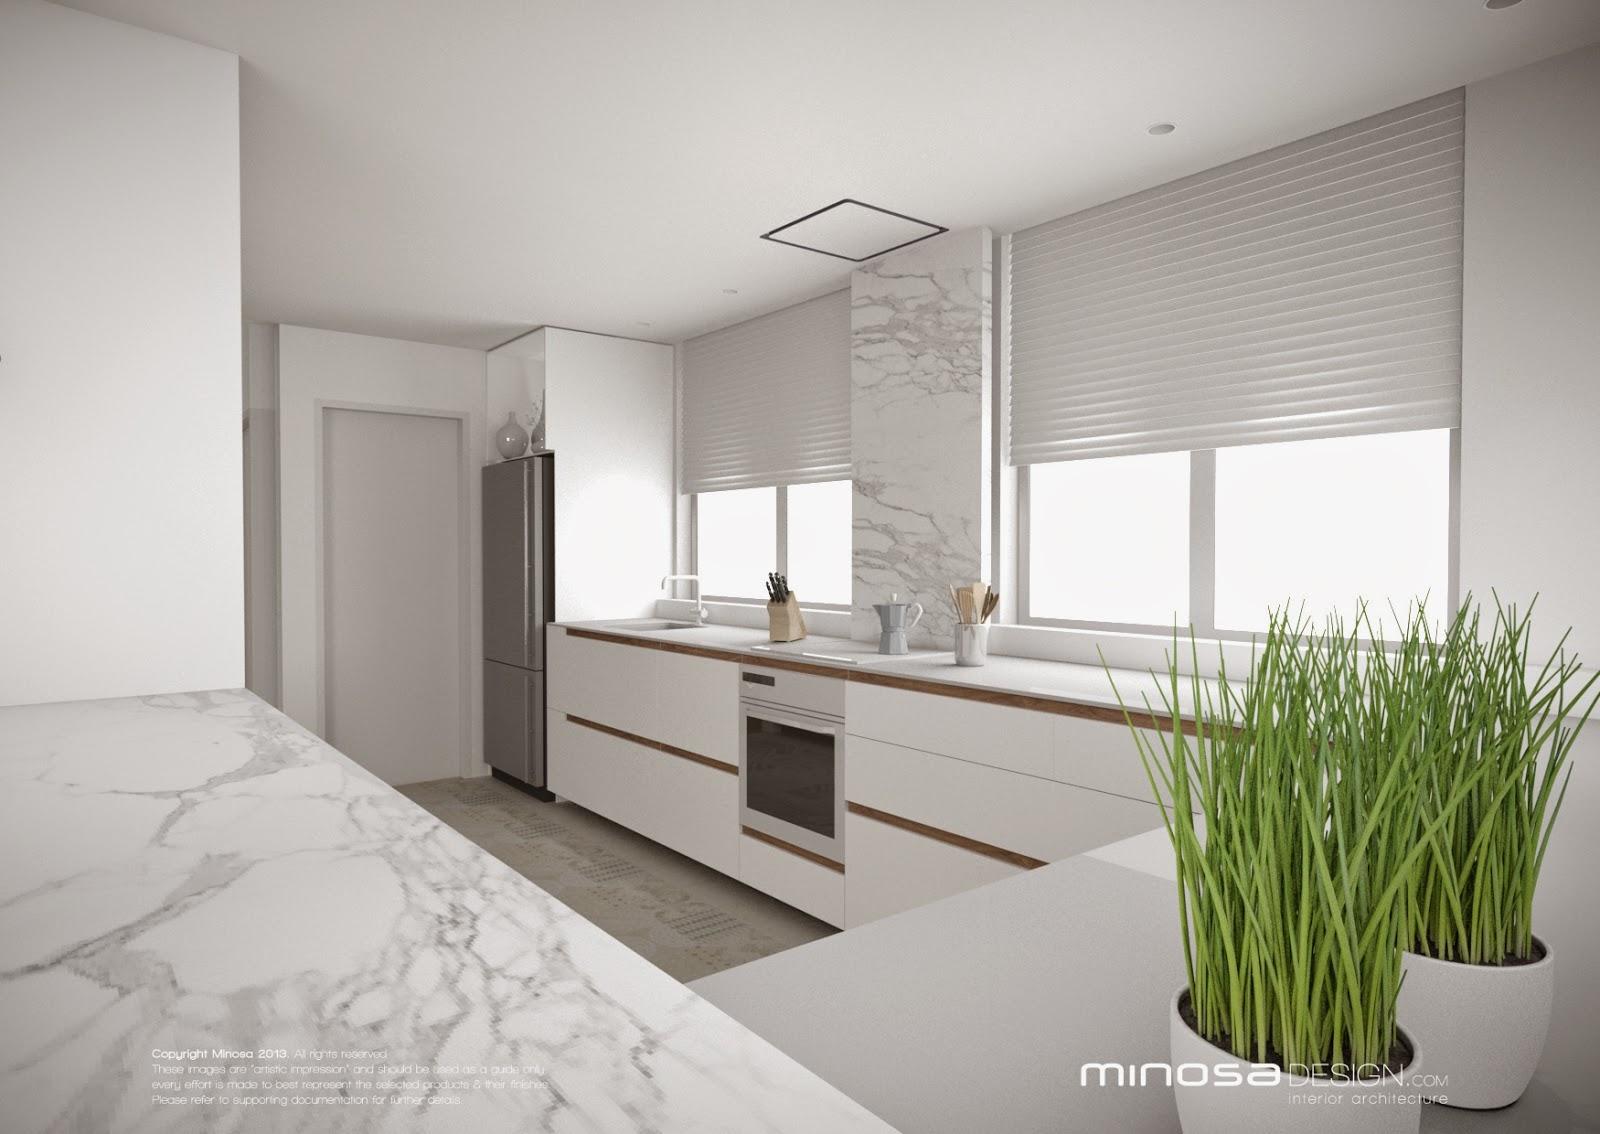 minosa kitchen design modern white clean simple lines function design blum marble slick clean design 2014 04